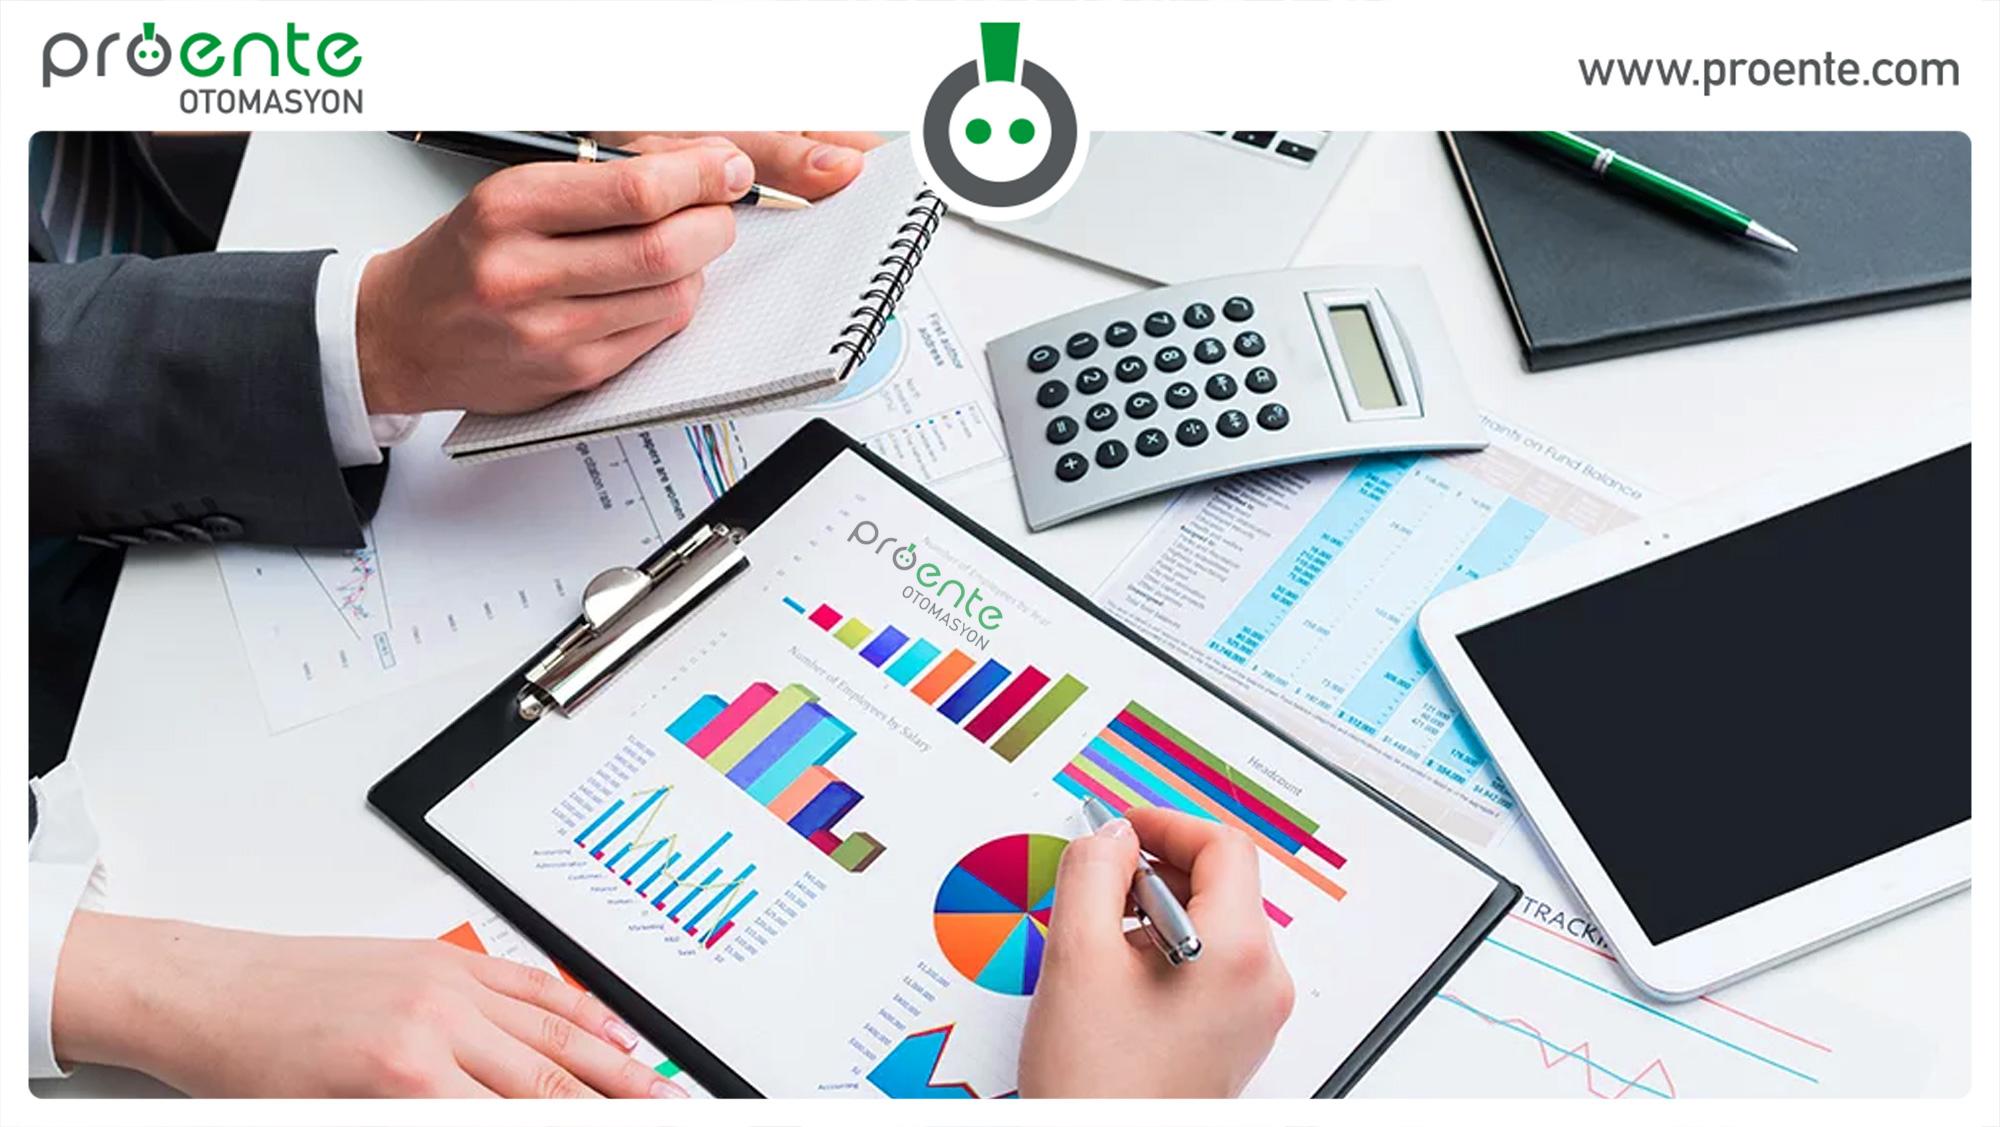 veri analizi, veri analizi türleri, veri analizi çeşitleri,